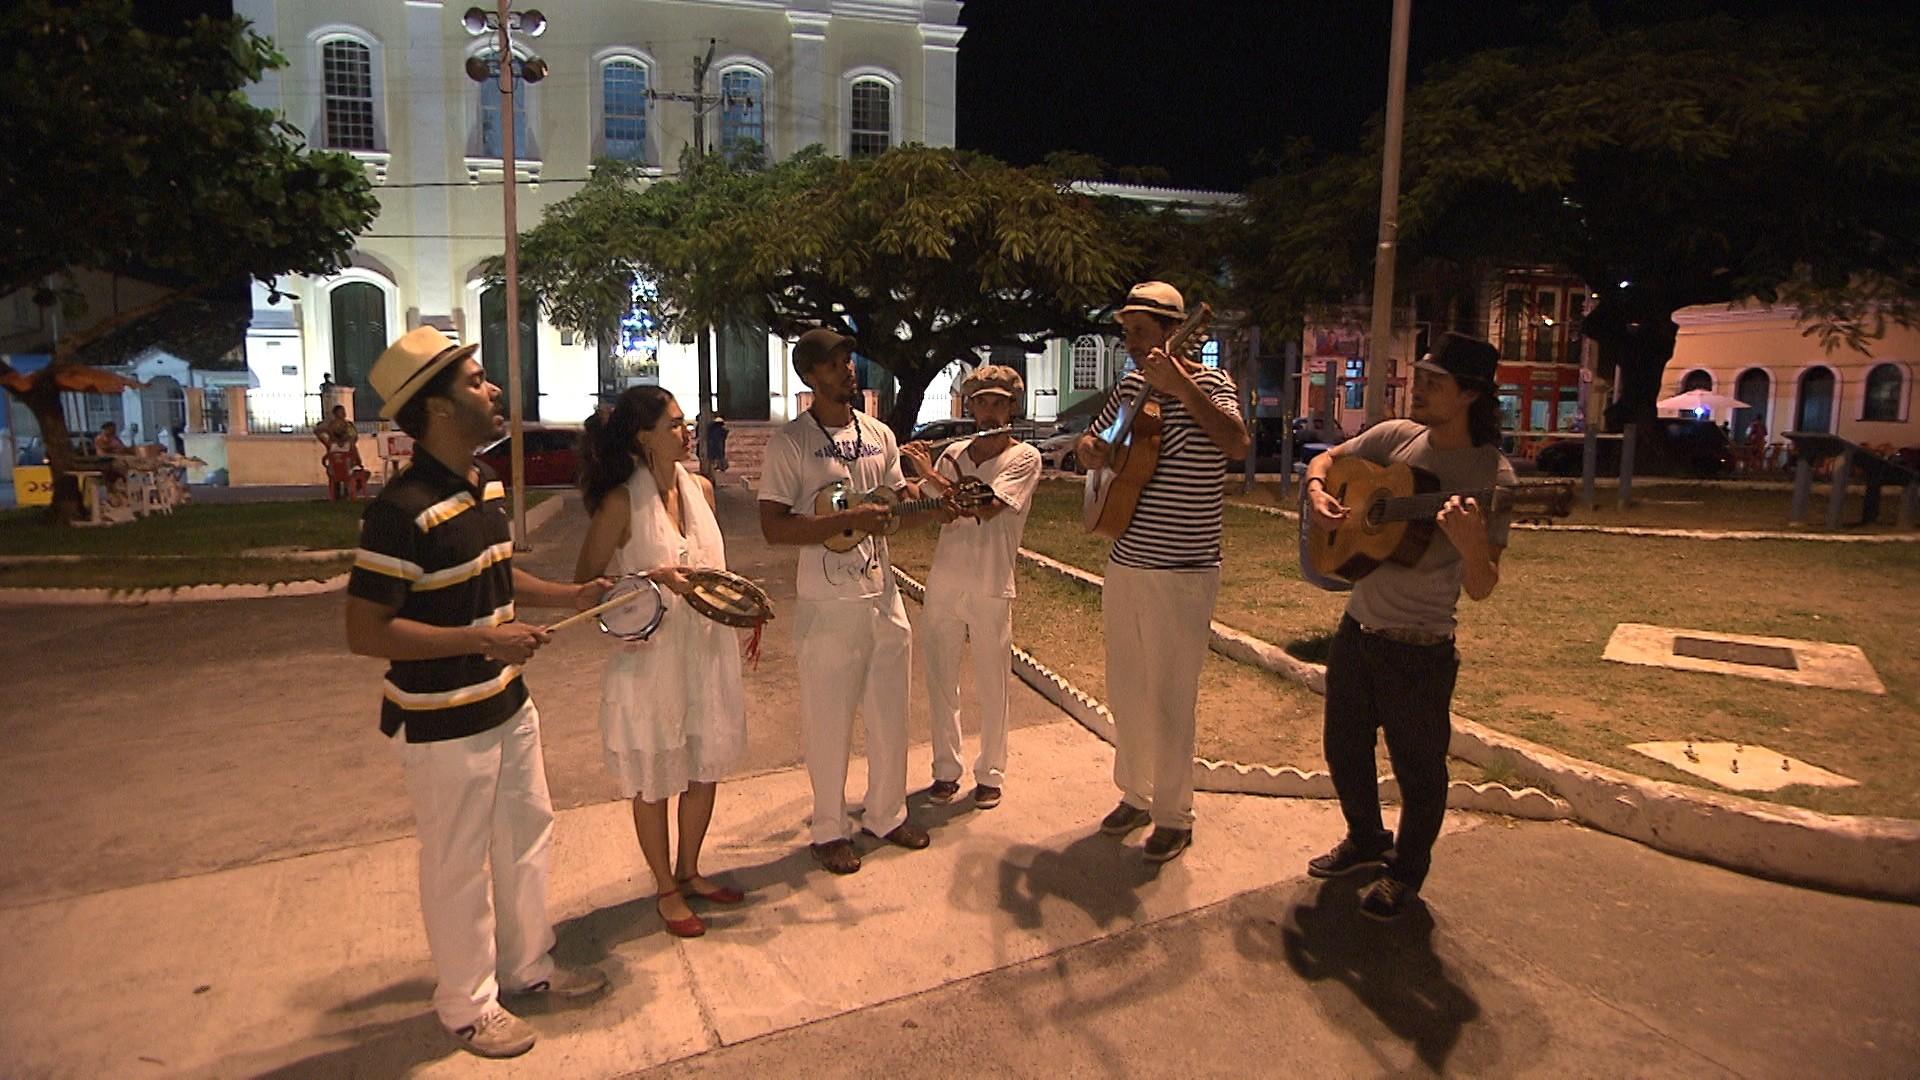 Rede Bahia Revista faz uma homenagem ao samba (Foto: divulgação)